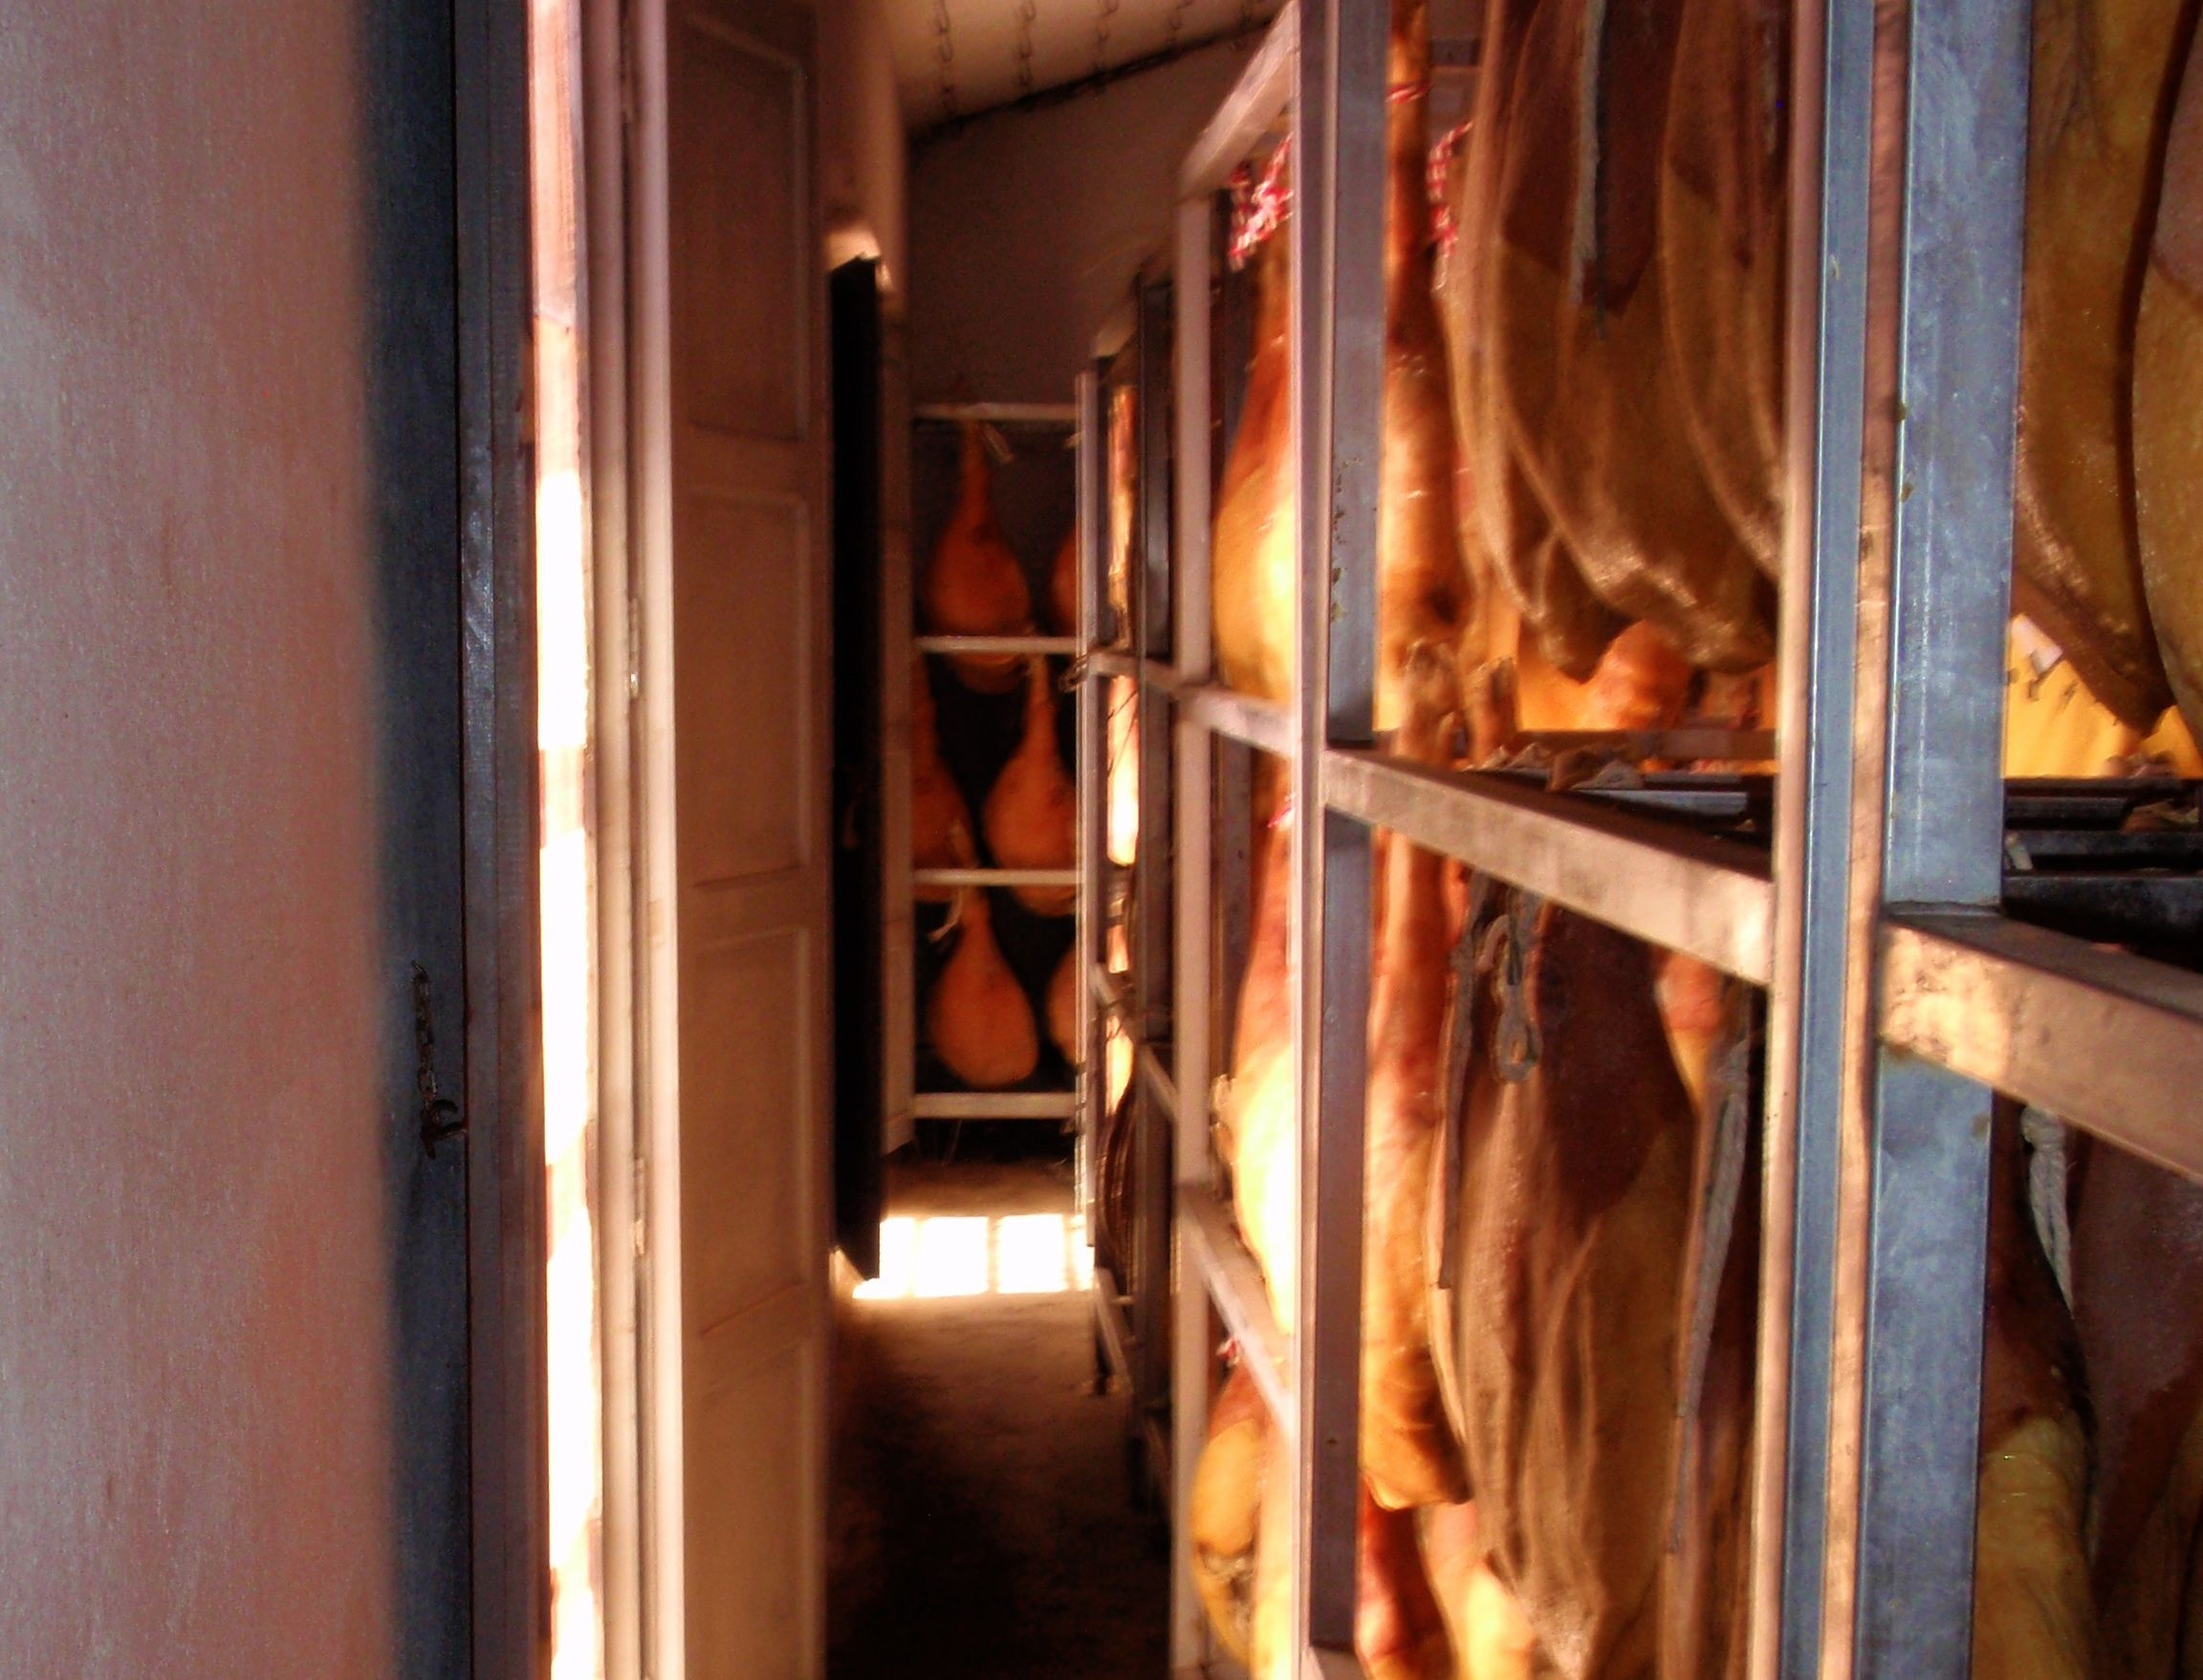 La técnica tradicional del secado natural a ventana abierta de productos cárnicos en Teruel inicia el trámite para su protección como bien de interés cultural inmaterial por el Gobierno de Aragón. Foto: Asociación Provincial de Secaderos al Natural de Teruel.